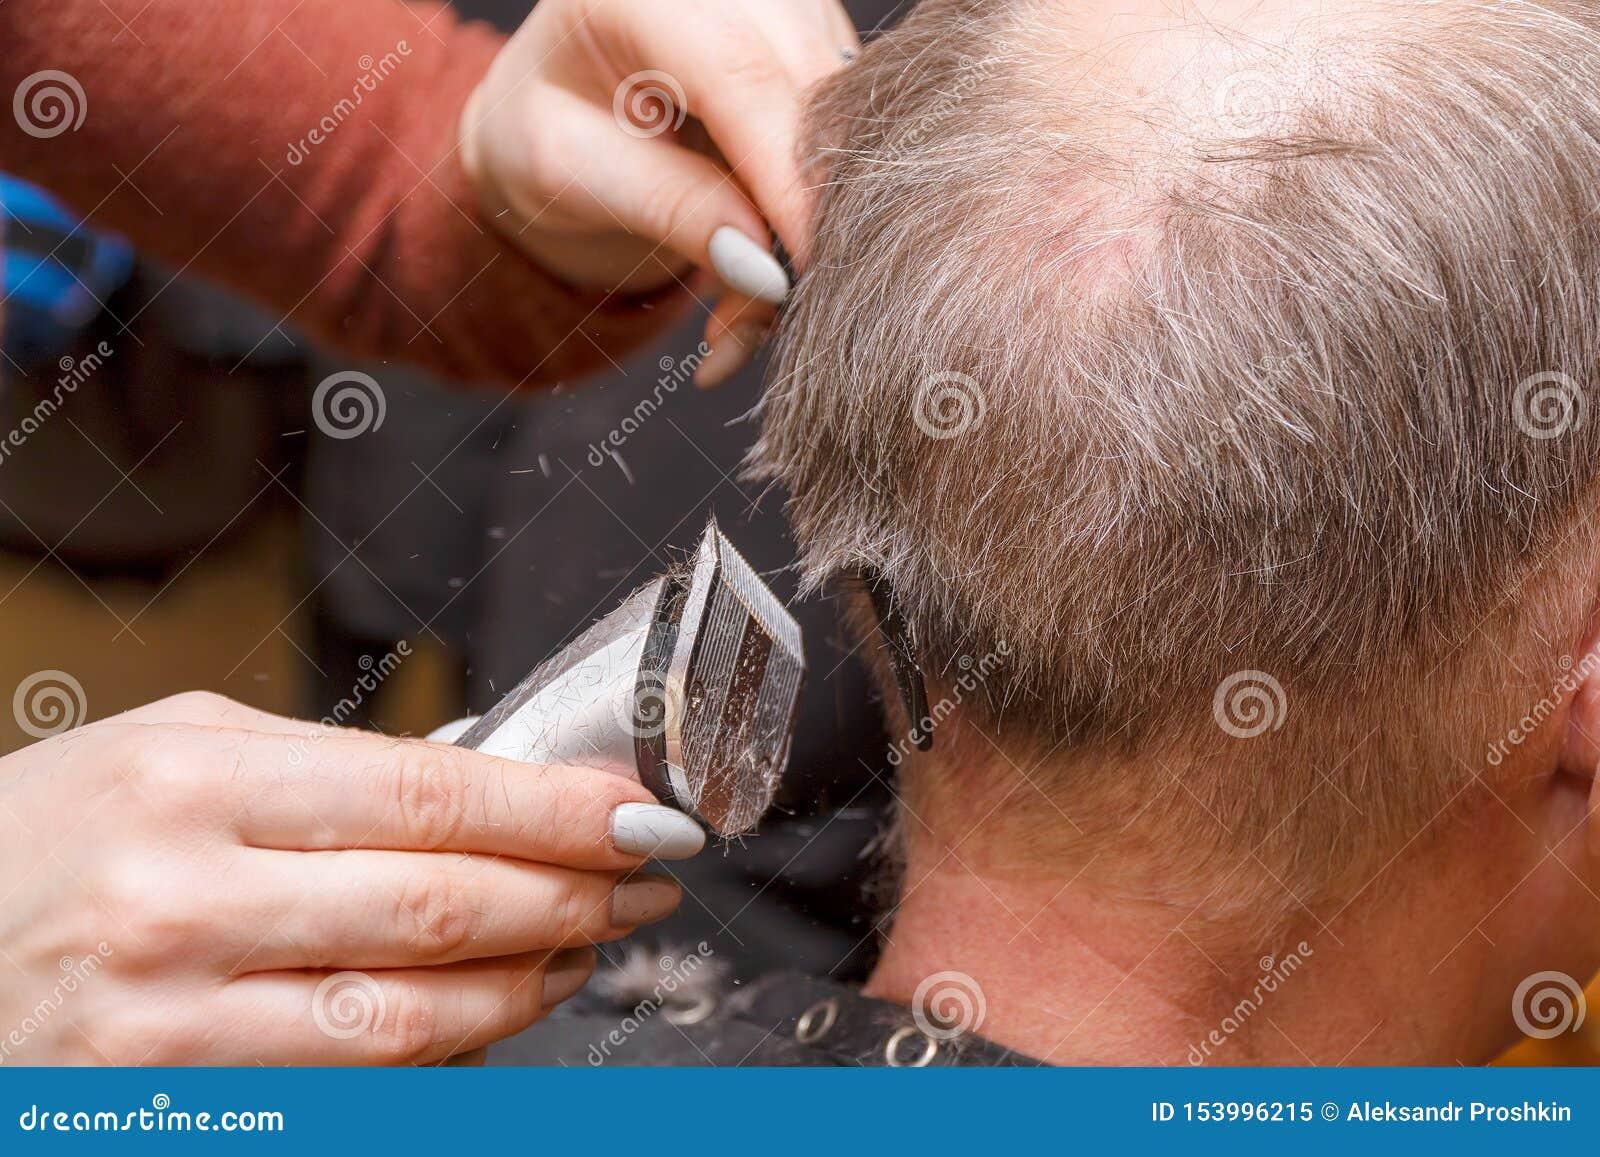 Парикмахер женщины режет волосы человека с триммером электрического клипера